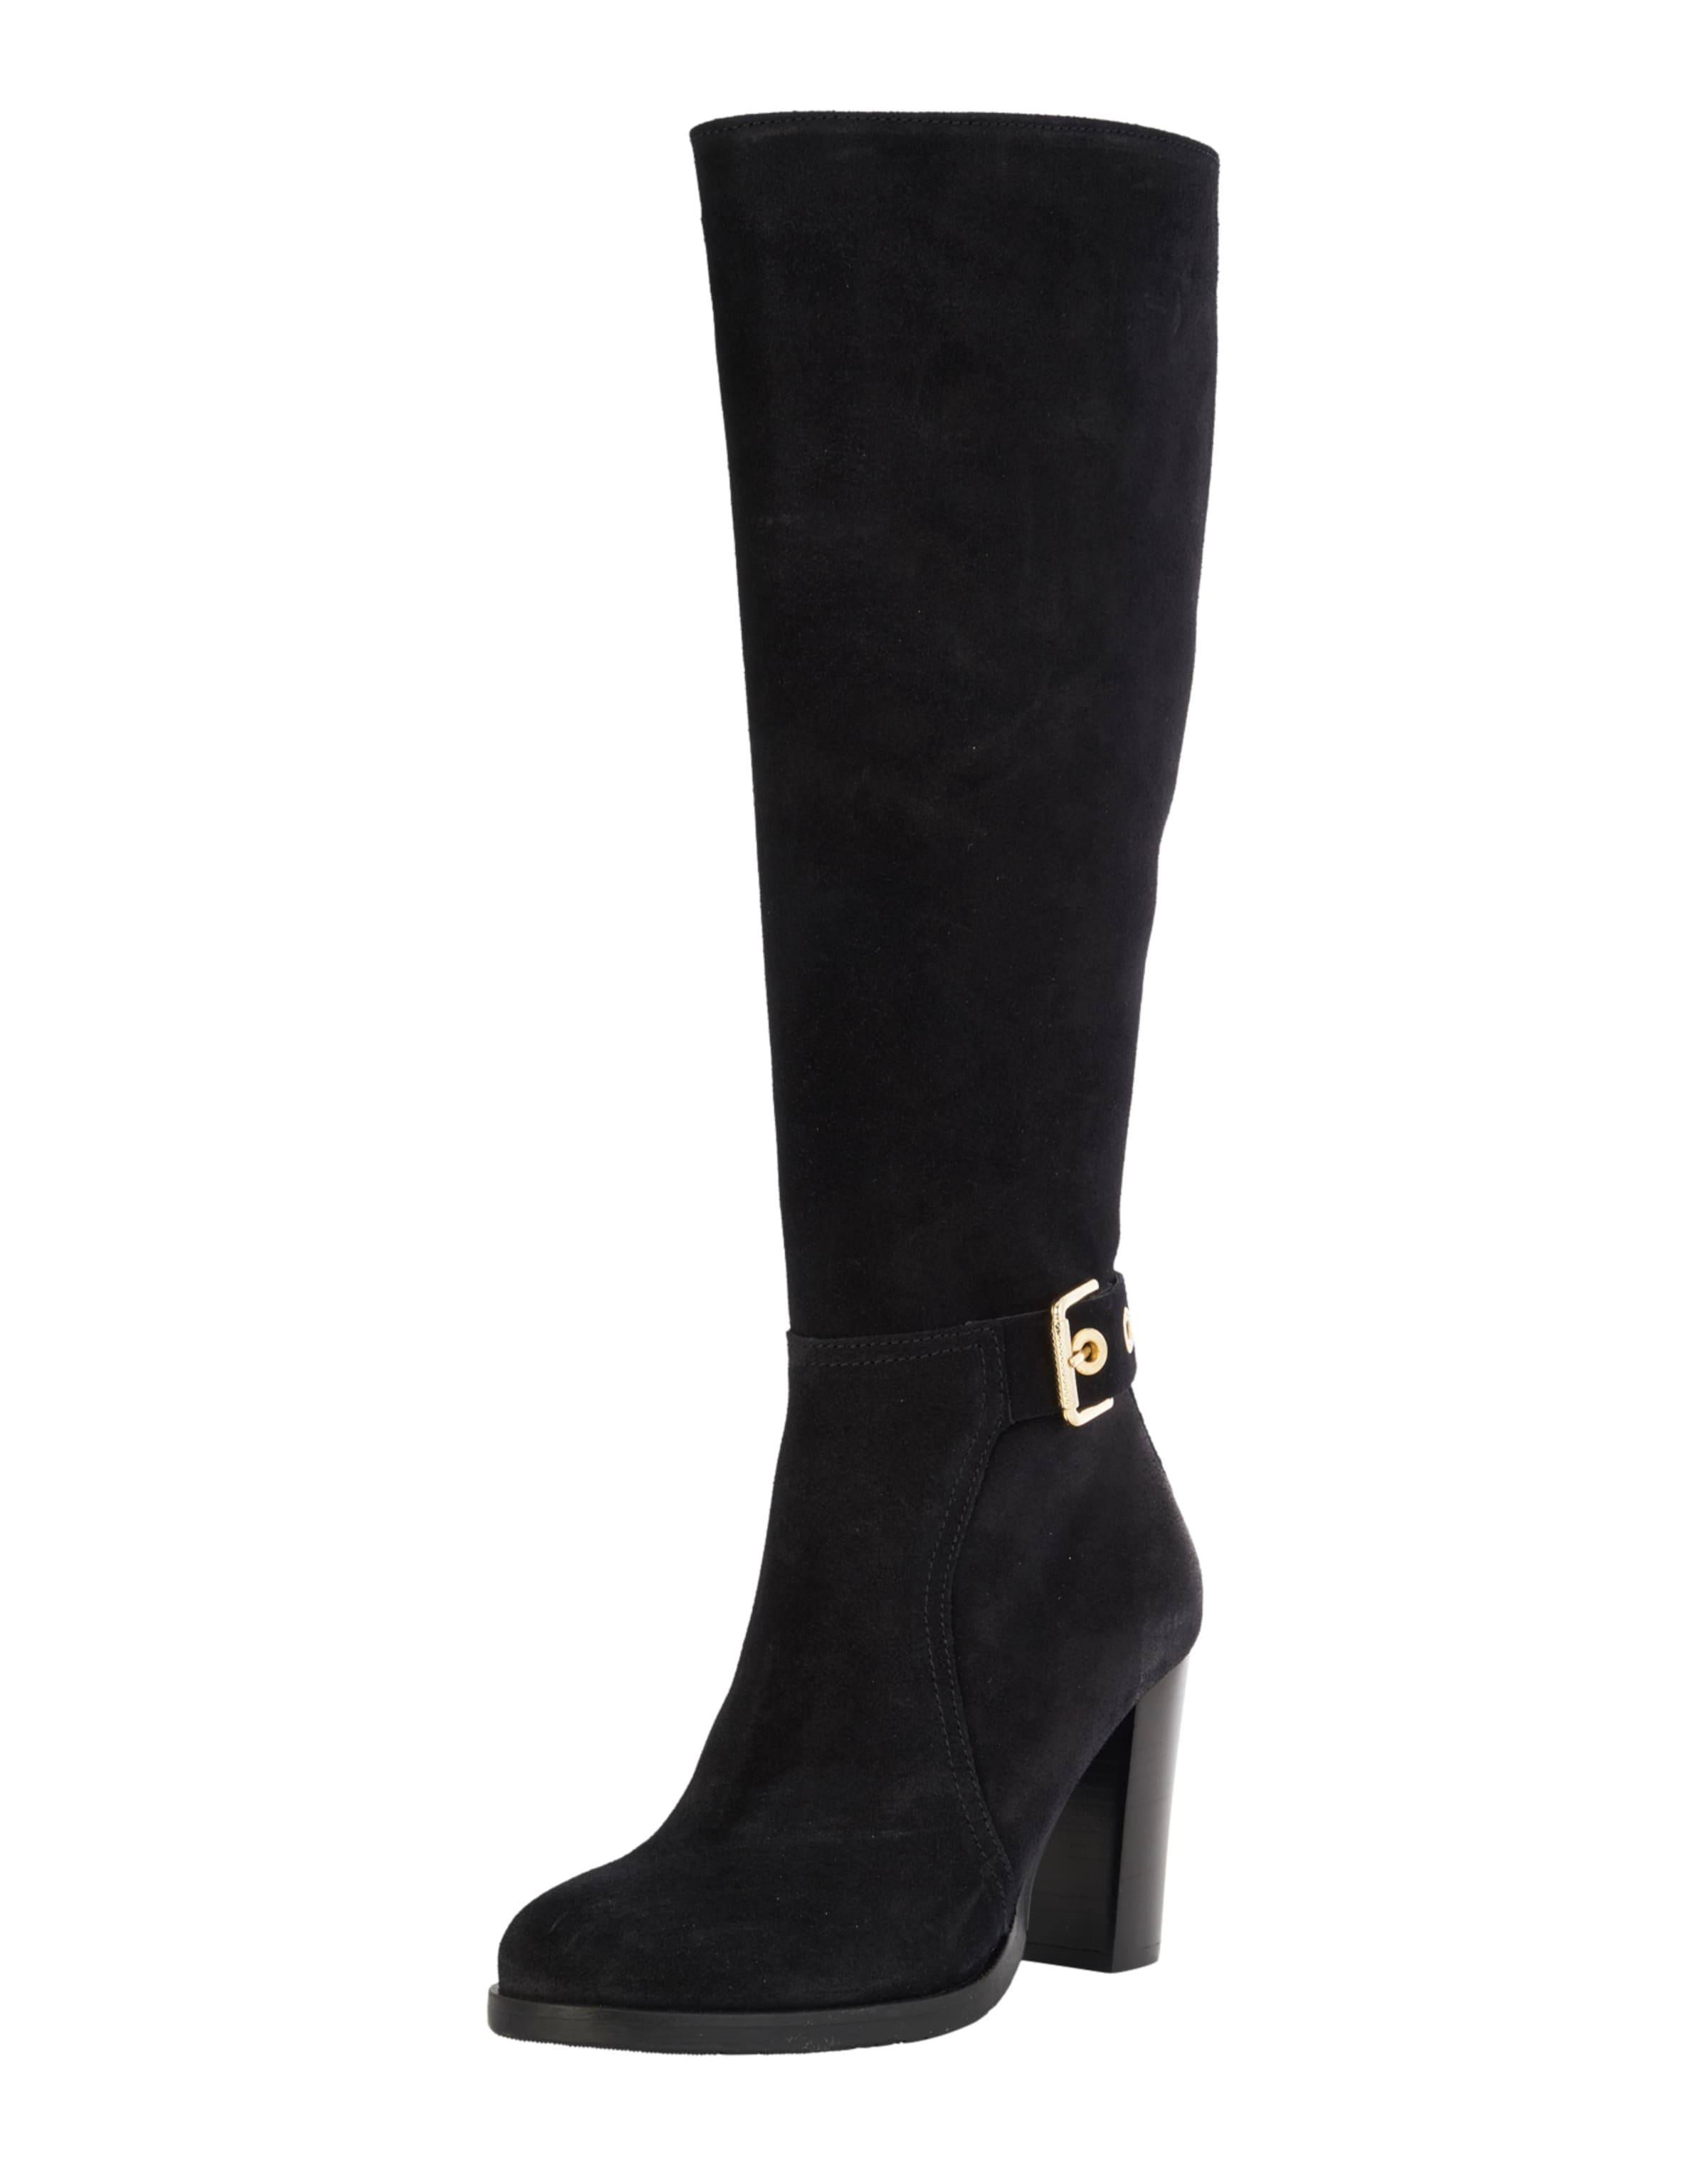 TOMMY HILFIGER Stiefel Barcelona Verschleißfeste billige Schuhe